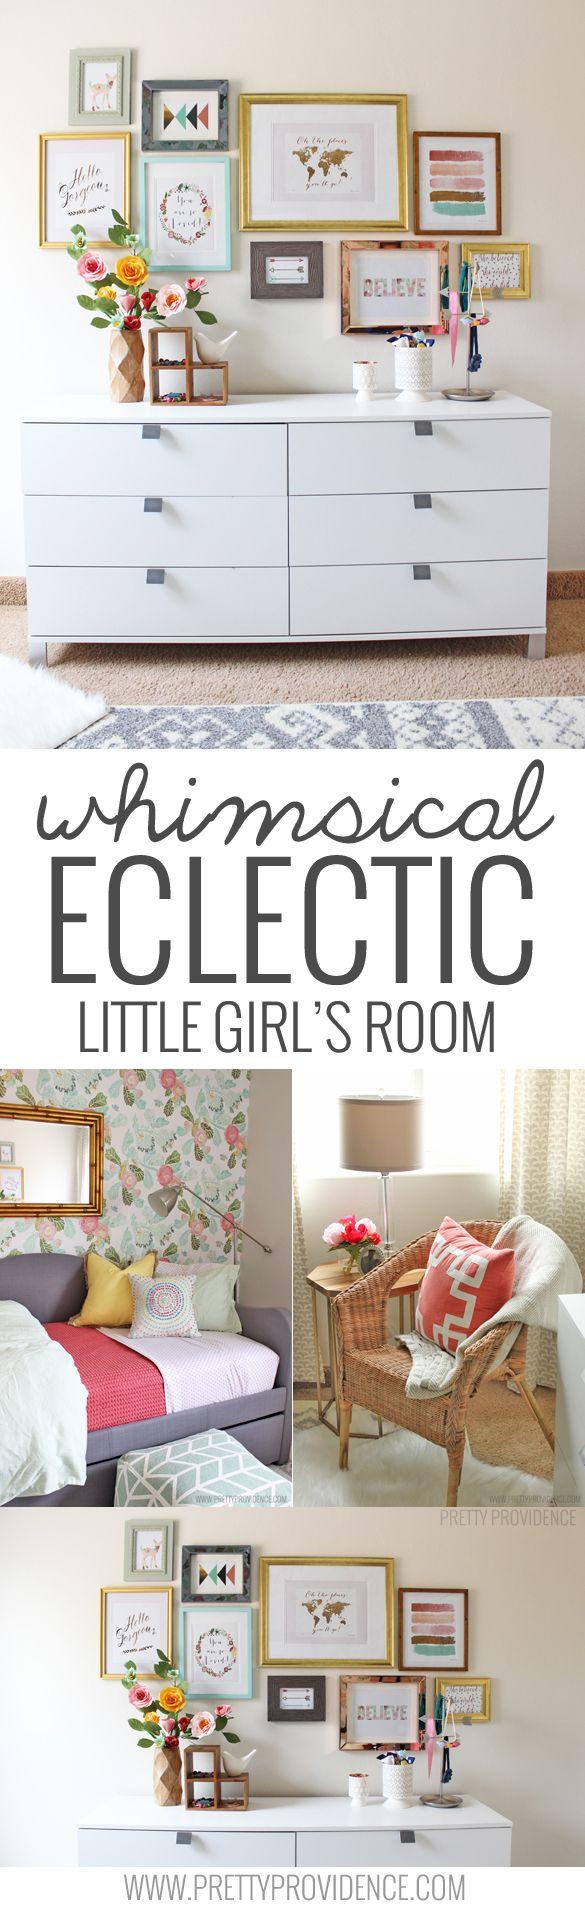 Whimsical Little Girls Room   DIY Home Decor Ideas   Pinterest ...